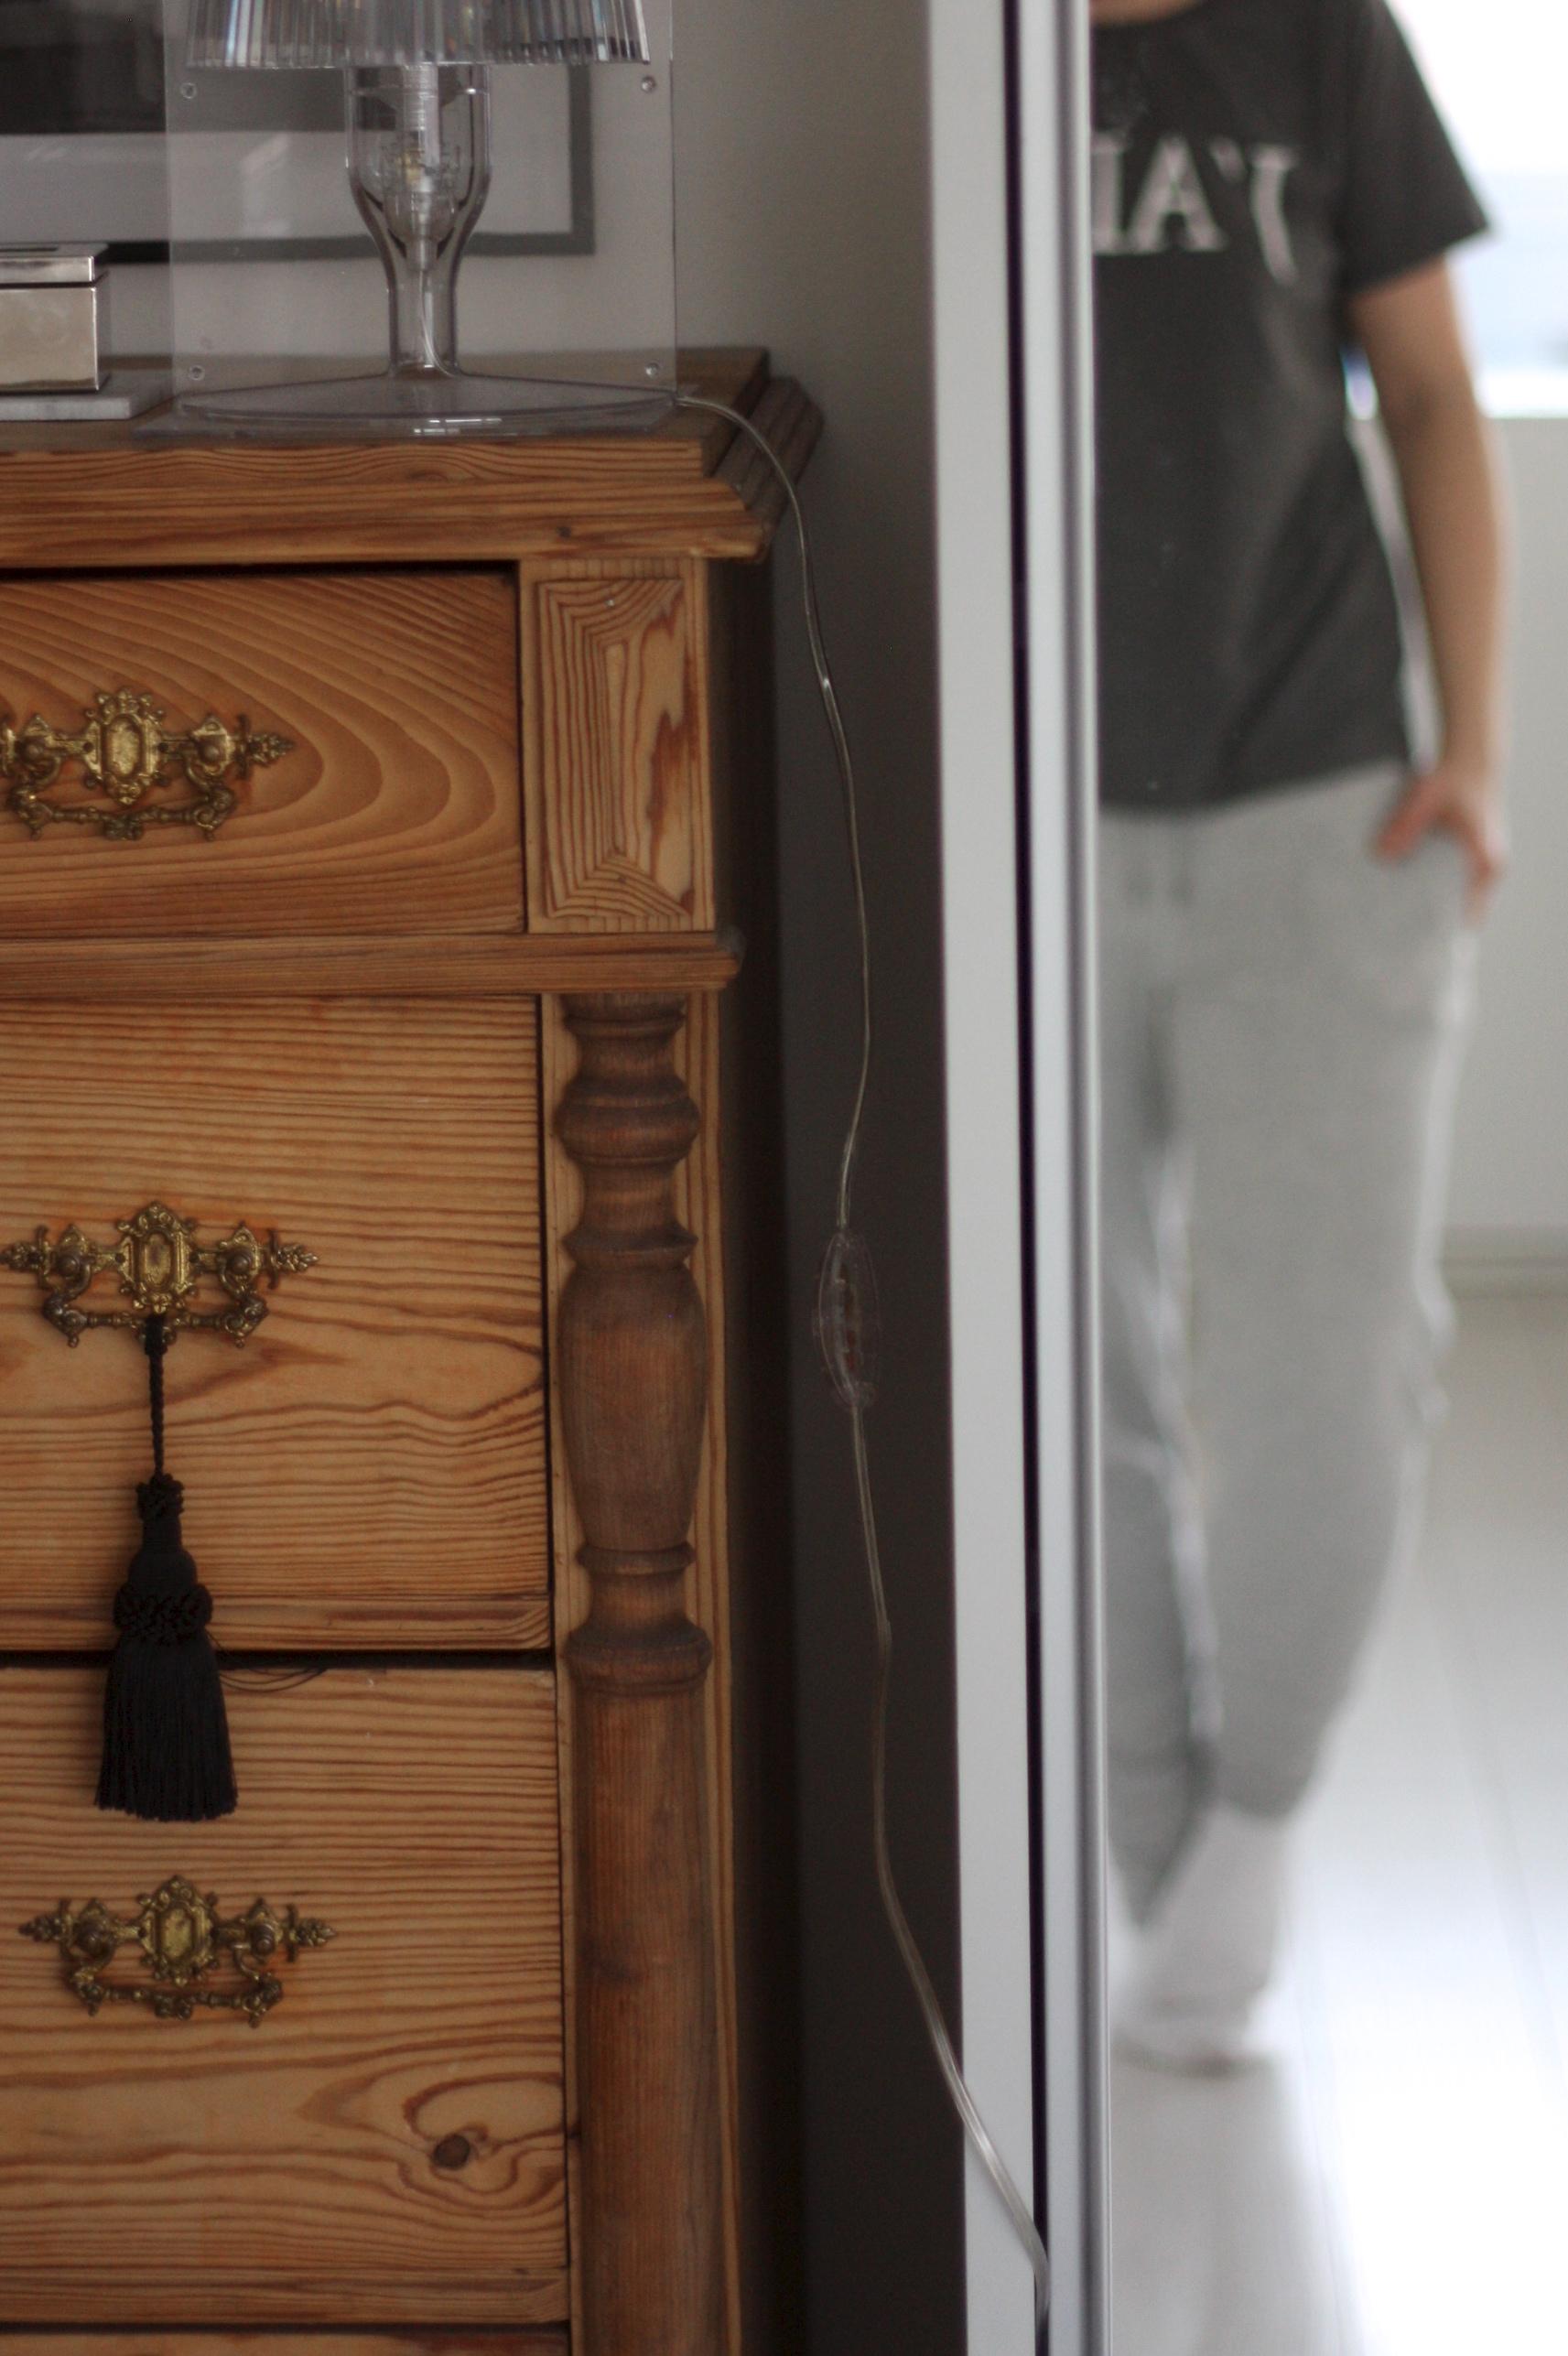 Viikon kysymys: missä vaatteissa hengaan kotona?